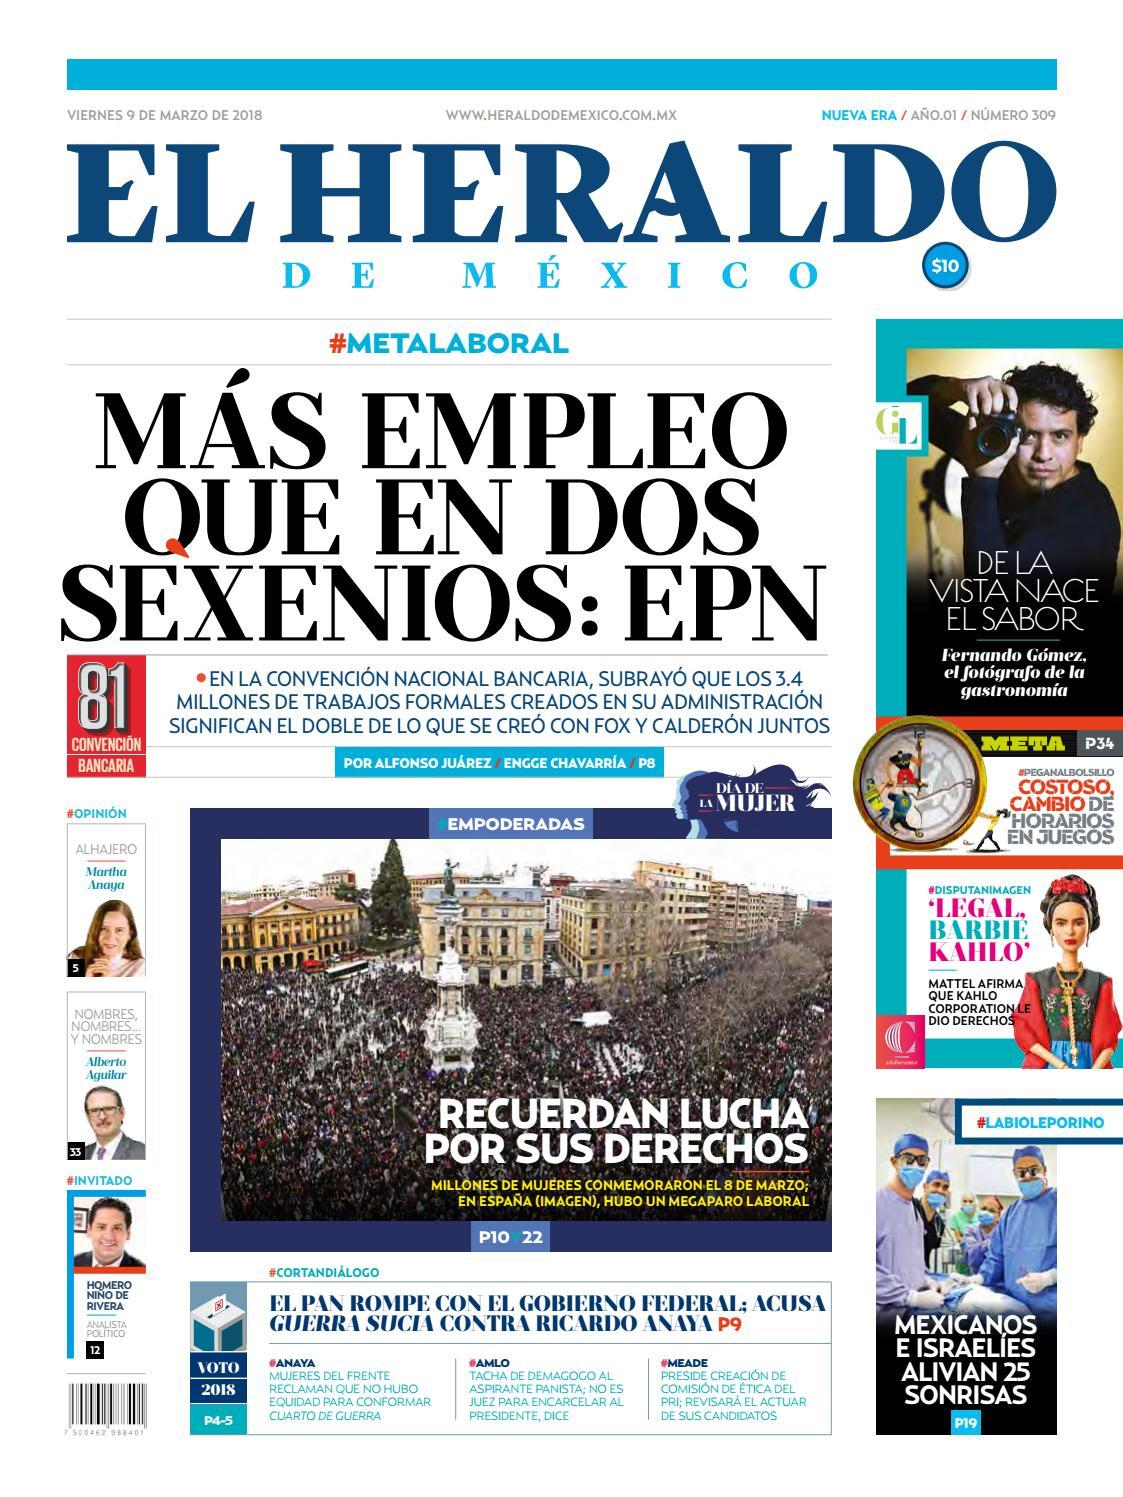 29d5284cd6 El Heraldo de México 9 de Marzo 2018 by El Heraldo de México - issuu